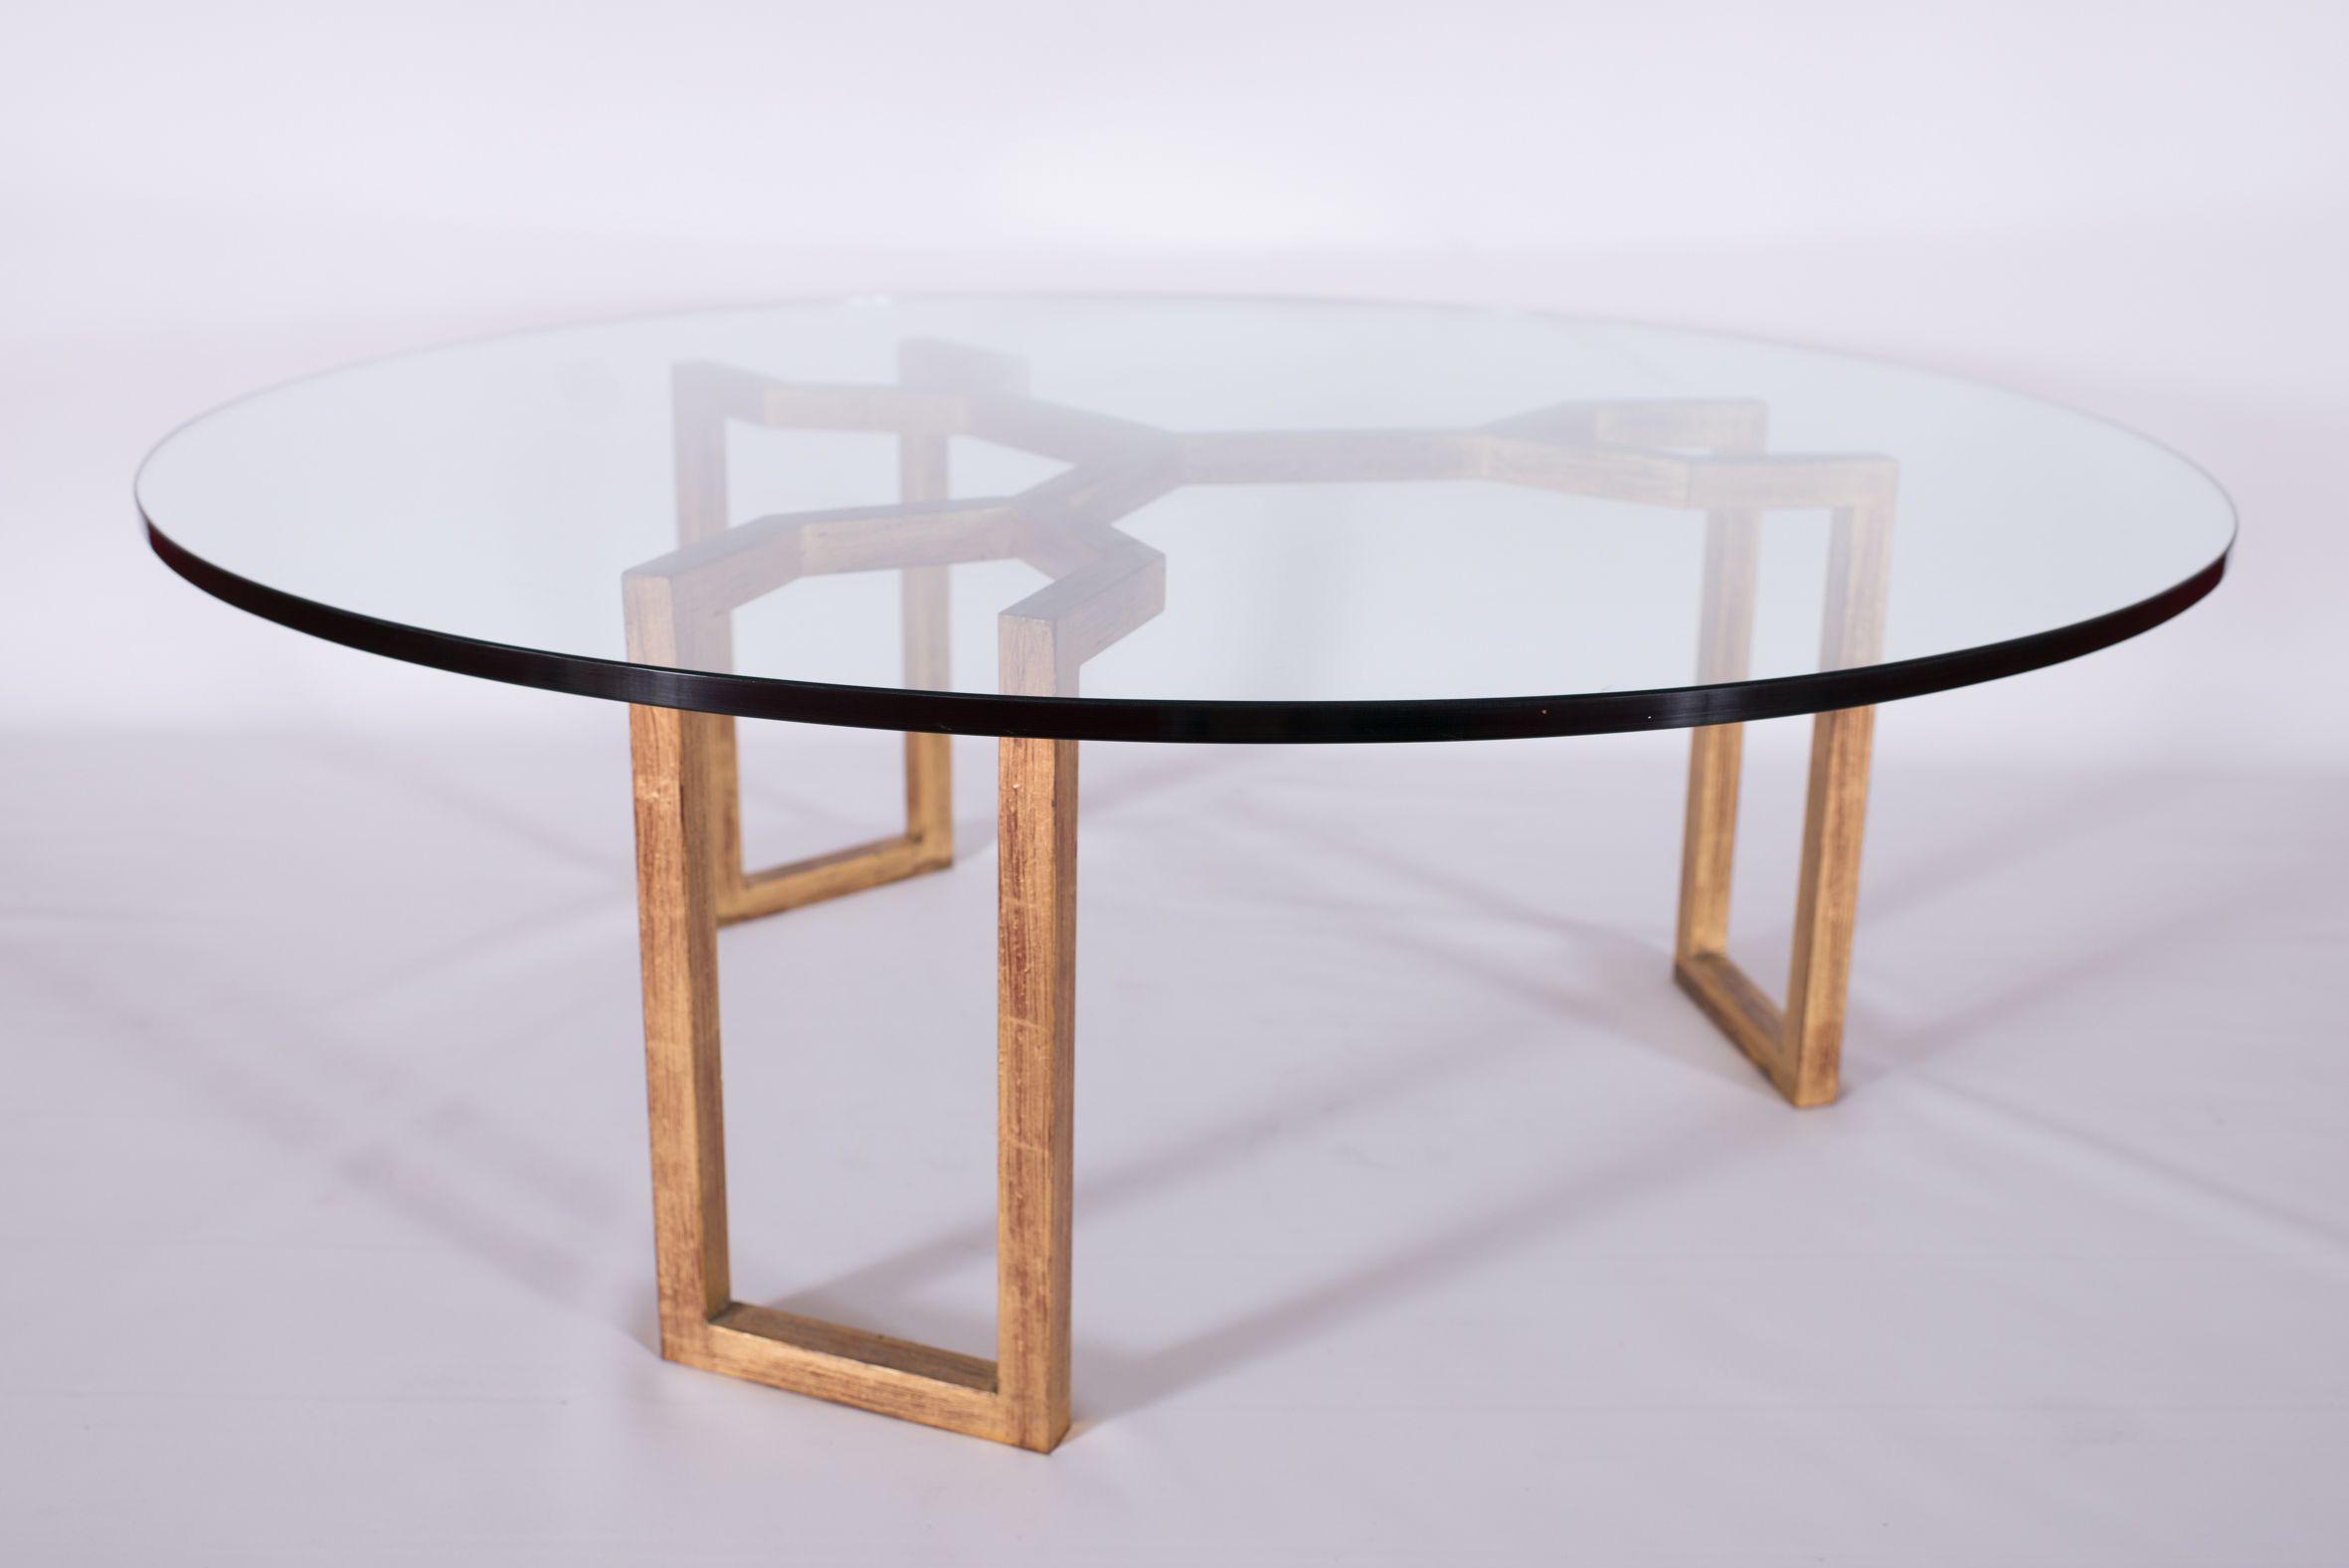 Pin On 20th Century Furniture Design [ 1577 x 2362 Pixel ]